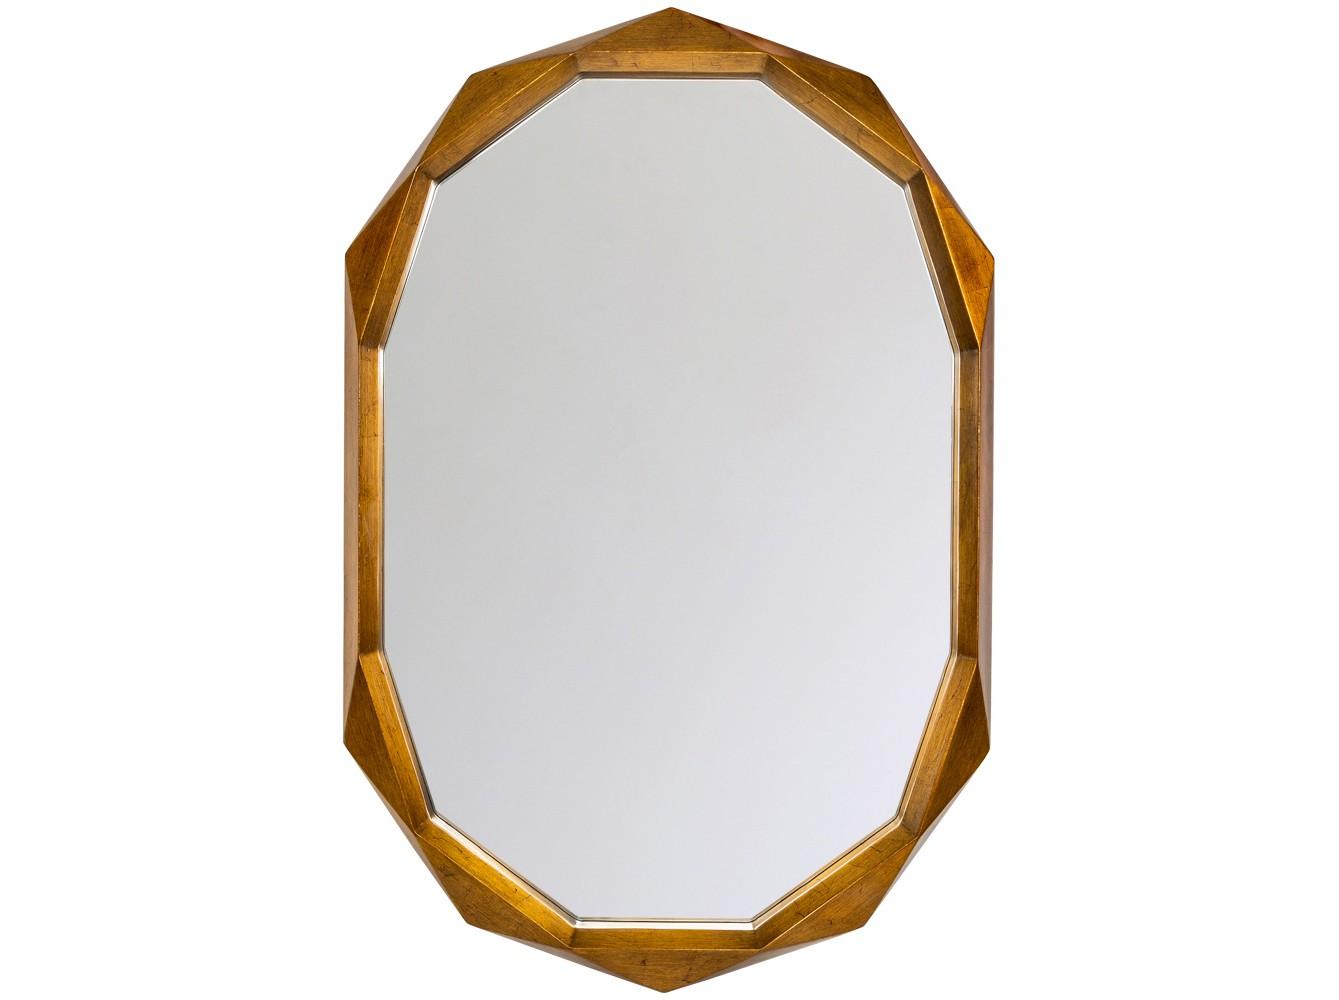 Настенное зеркало «осирис» (object desire) бронзовый 71.0x108.0x7.0 см. фото